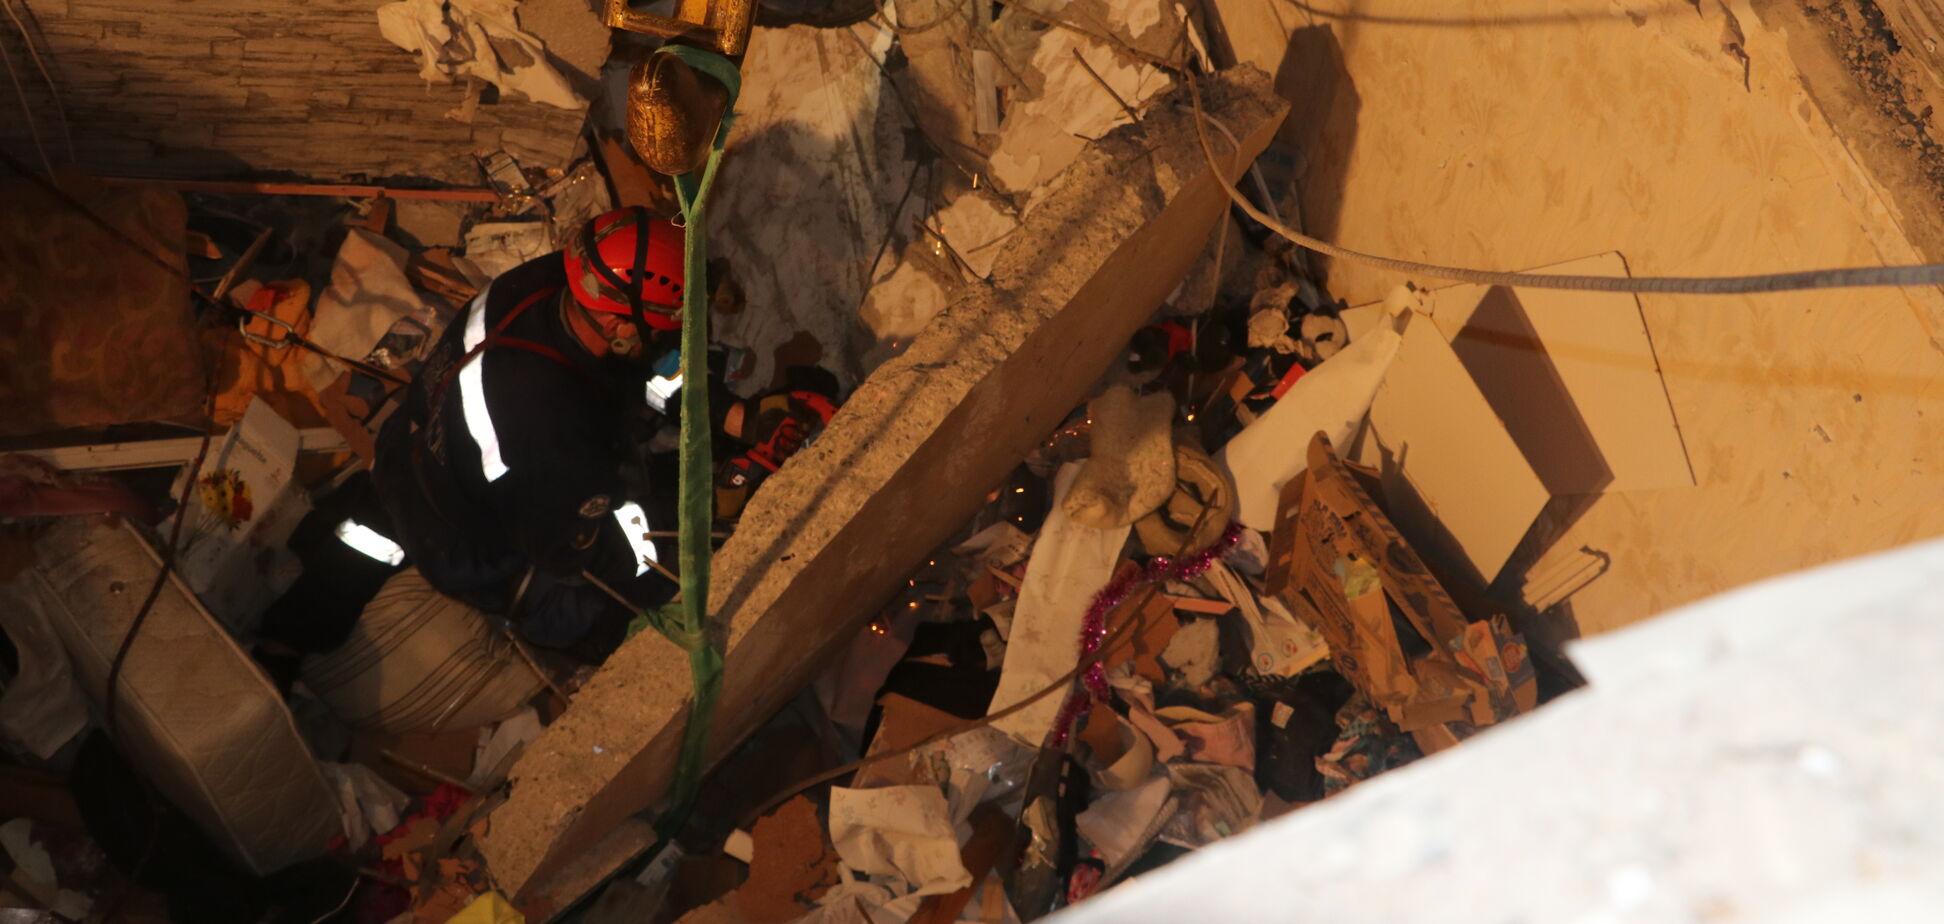 Спасатели нашли тело еще одной жертвы взрыва в высотке на Позняках